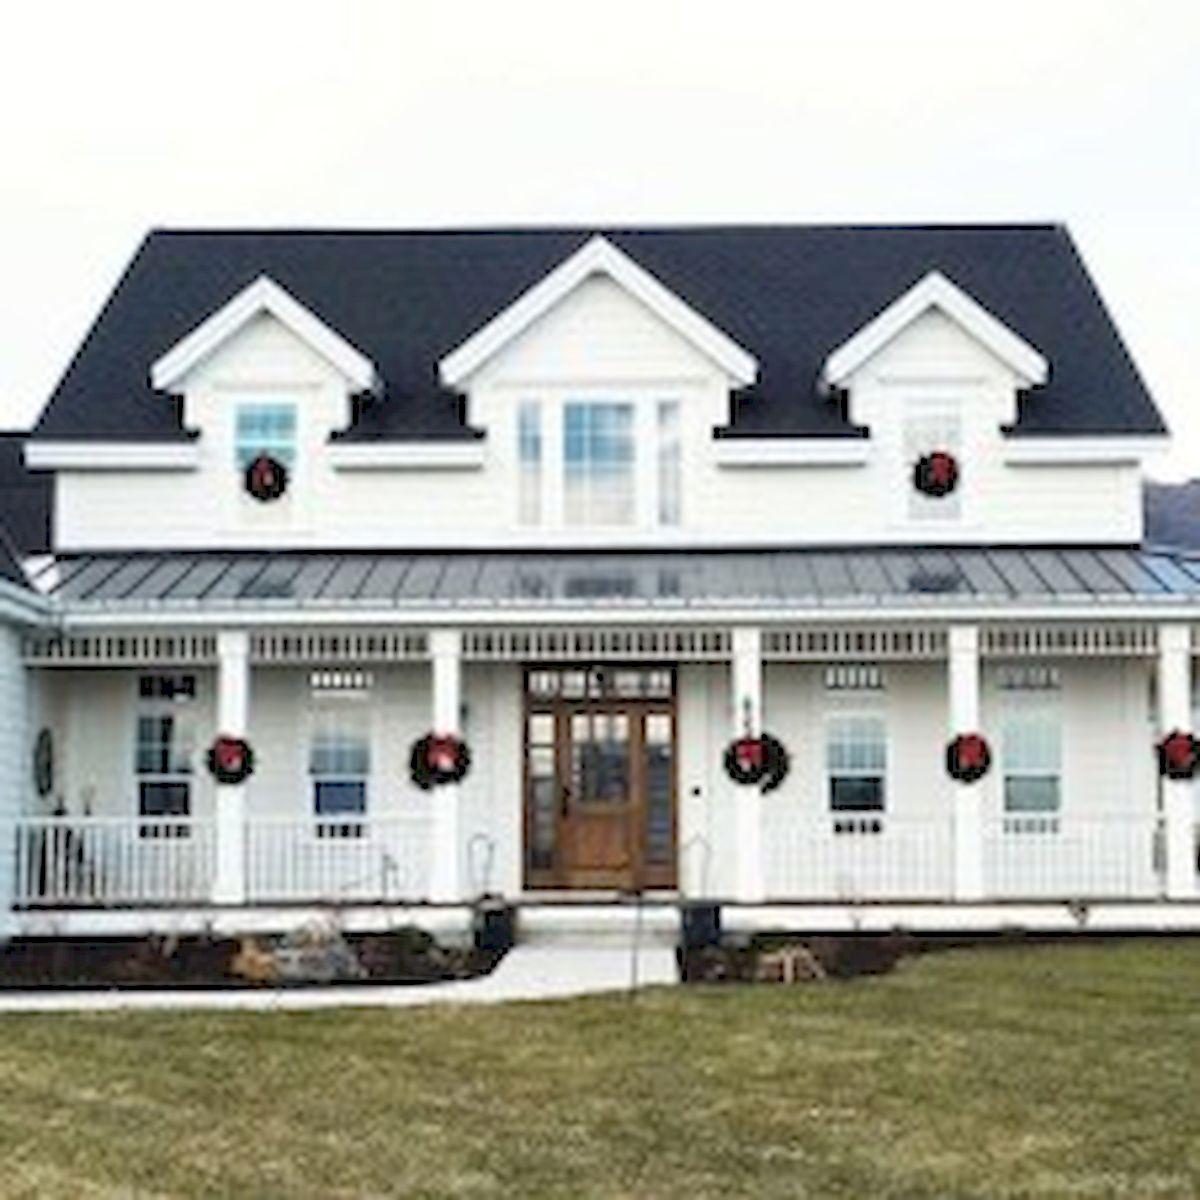 46 Awesome Farmhouse Home Exterior Design Ideas (4)